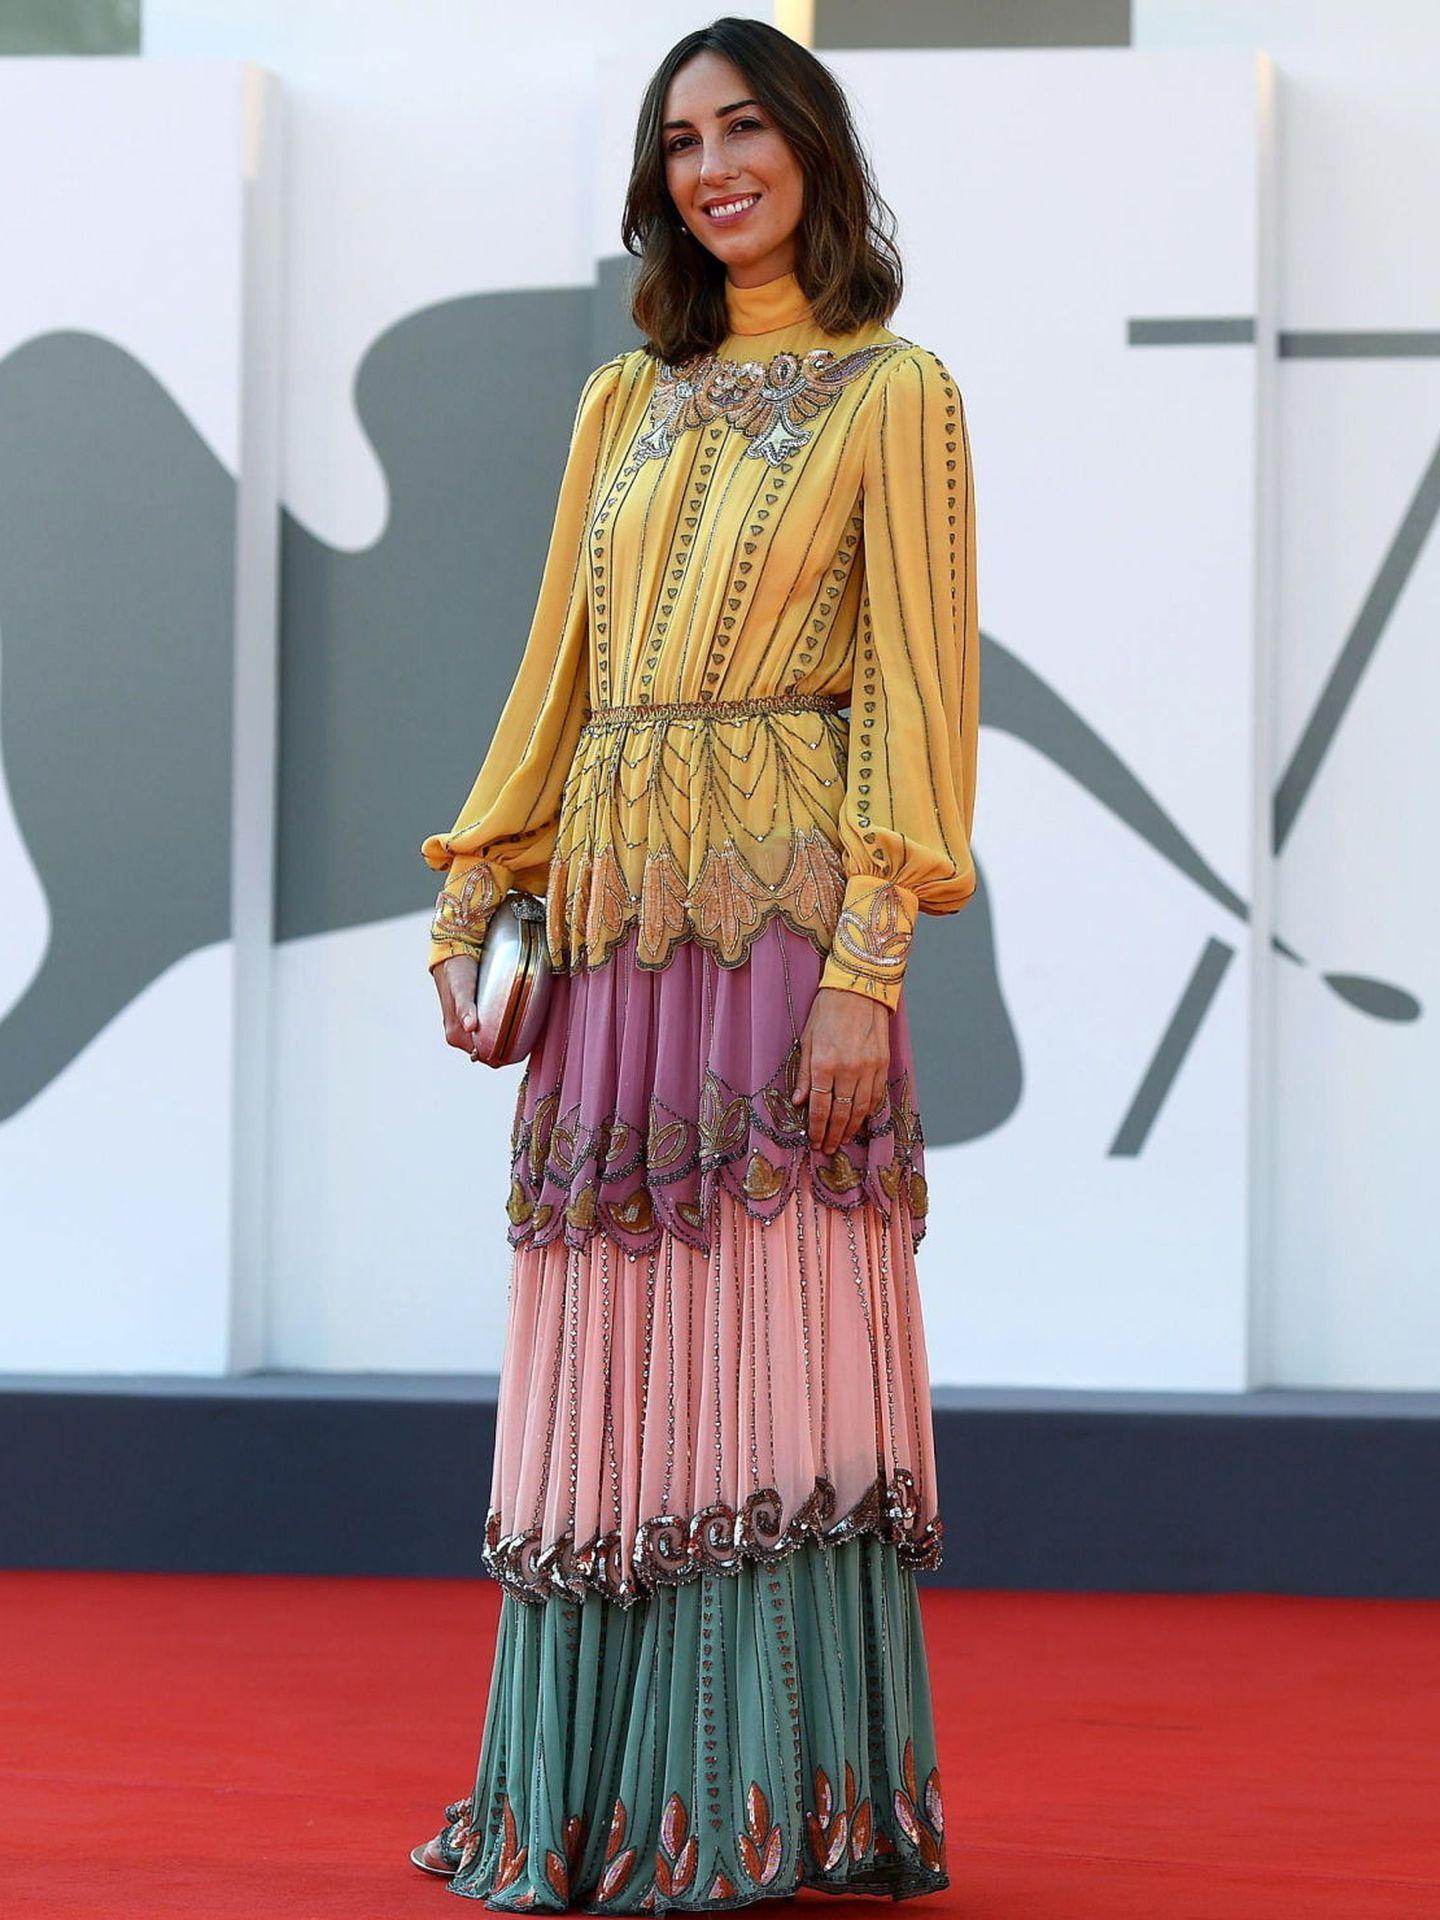 La directora Gia Coppola, con vestido multicolor de aire romántico en la presentación de 'Mainstream'. (EFE)